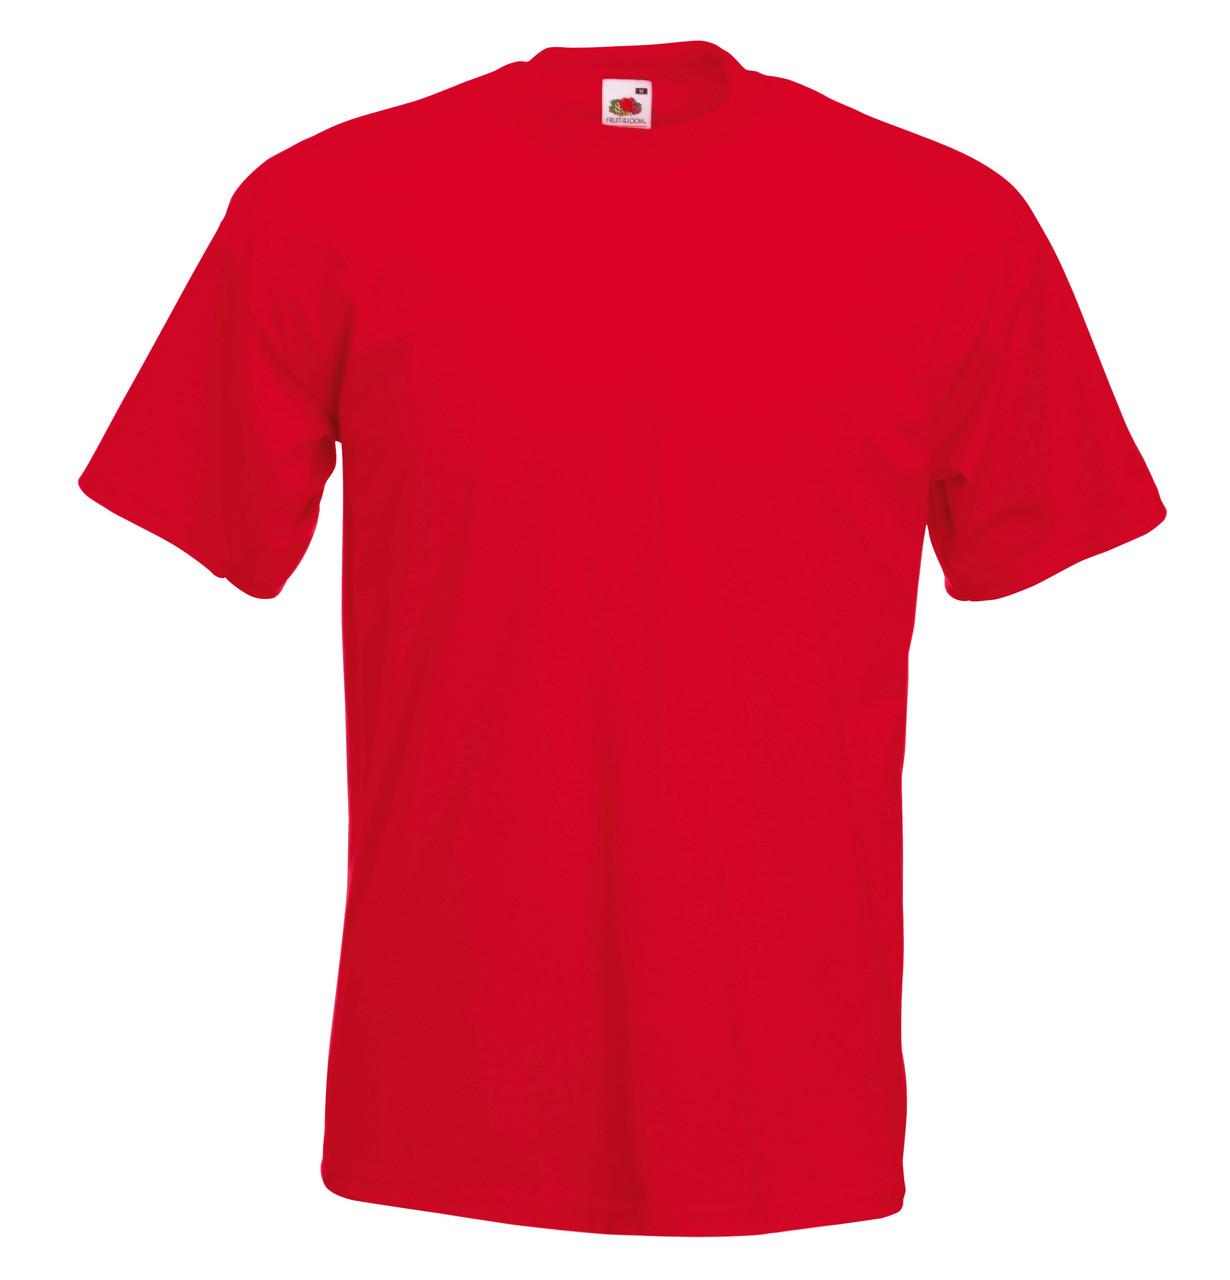 Мужская Футболка Супер премиум Красная Fruit of the loom 61-044-40 XXL